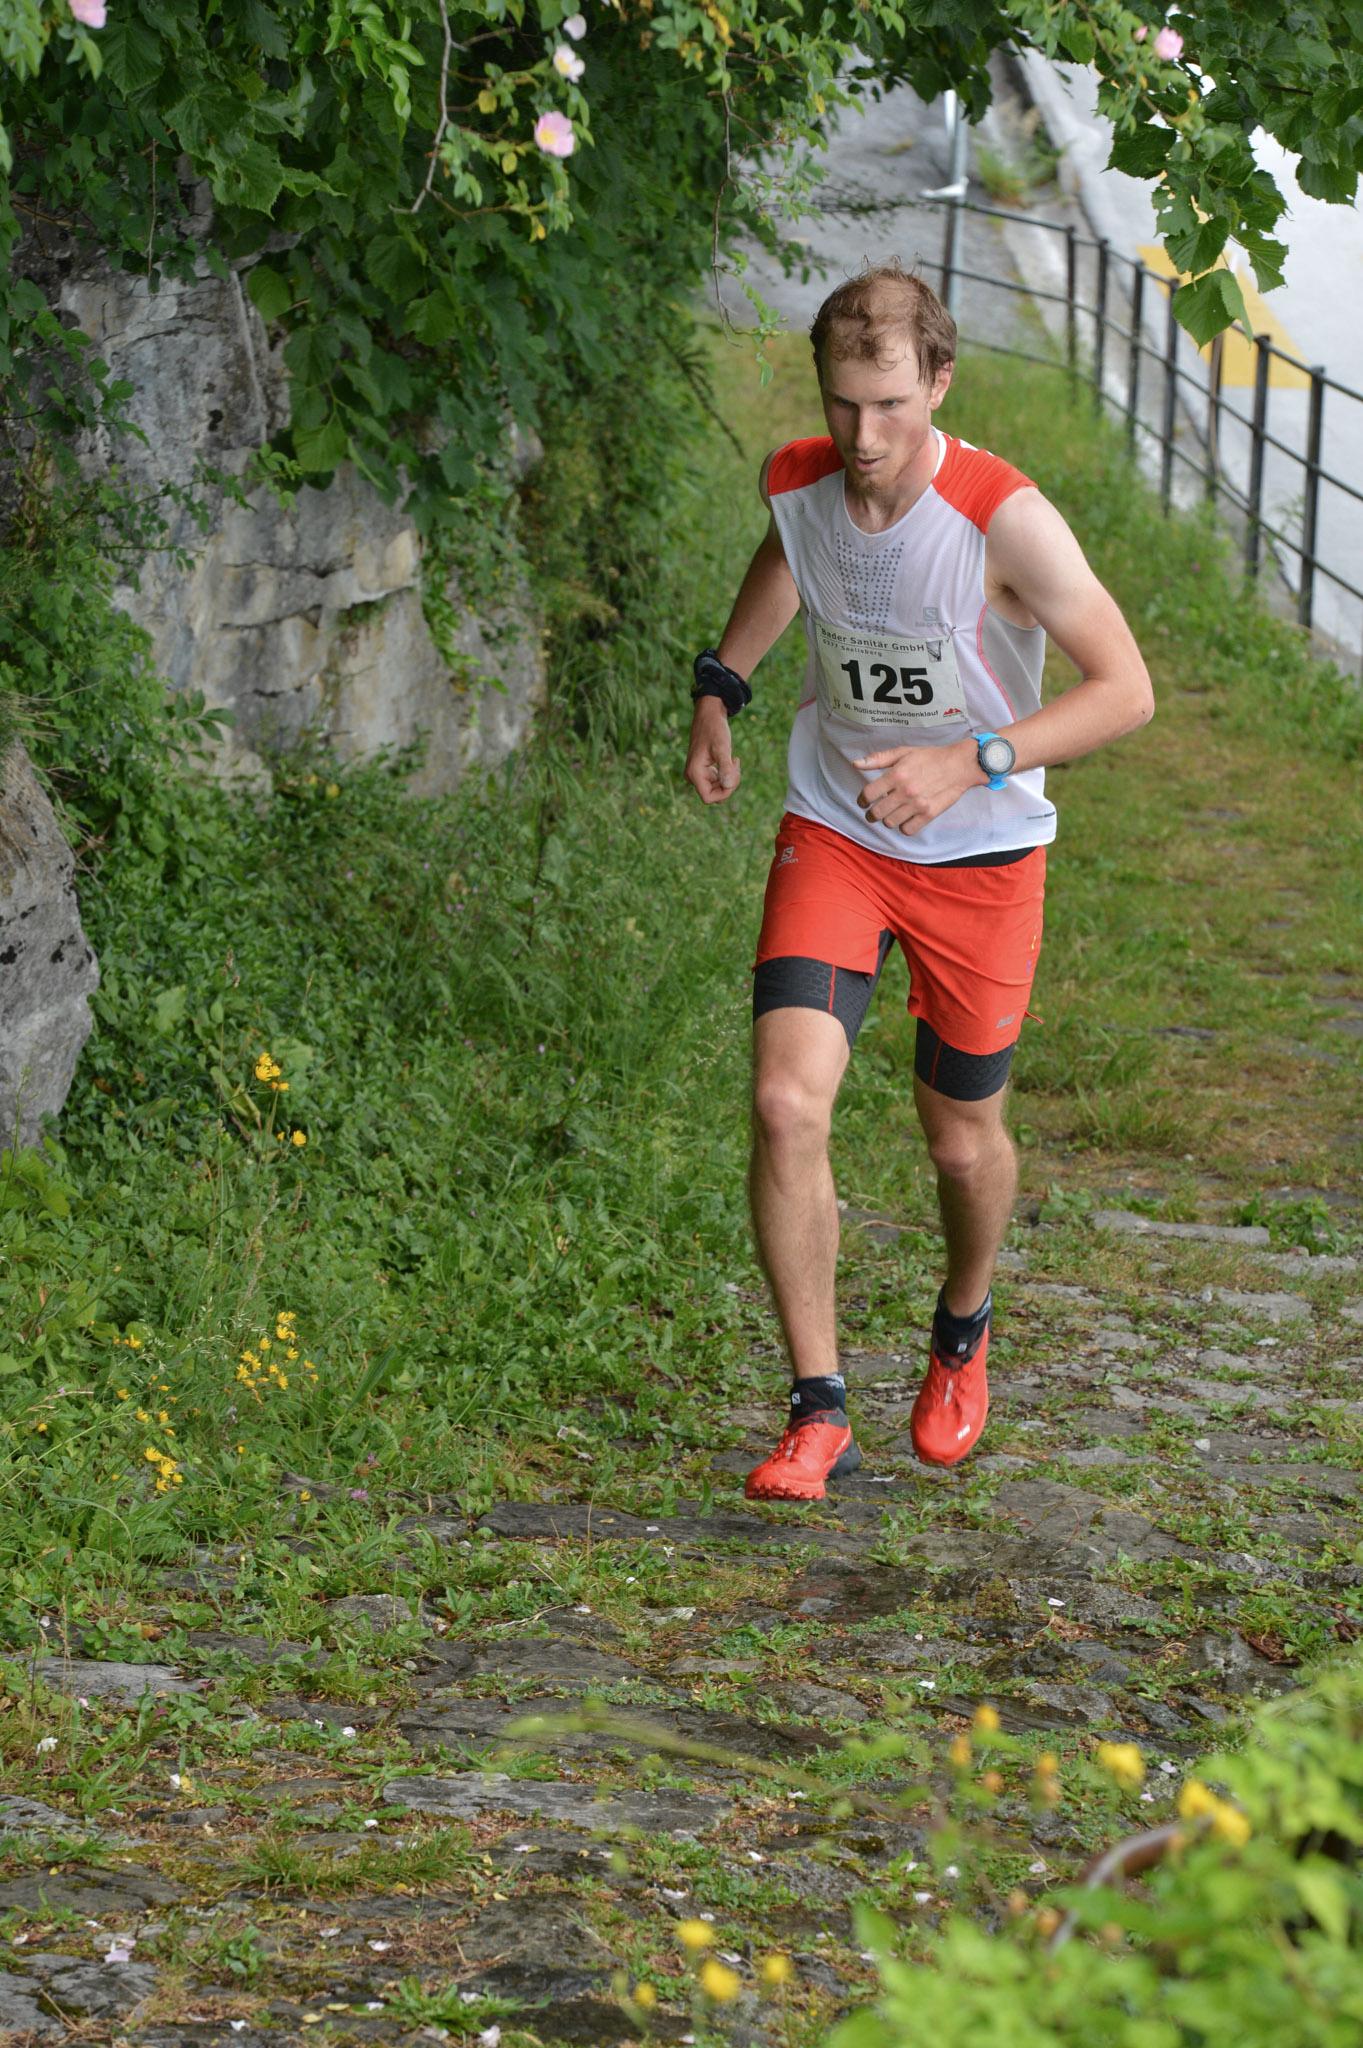 Berglauf_0006.jpg